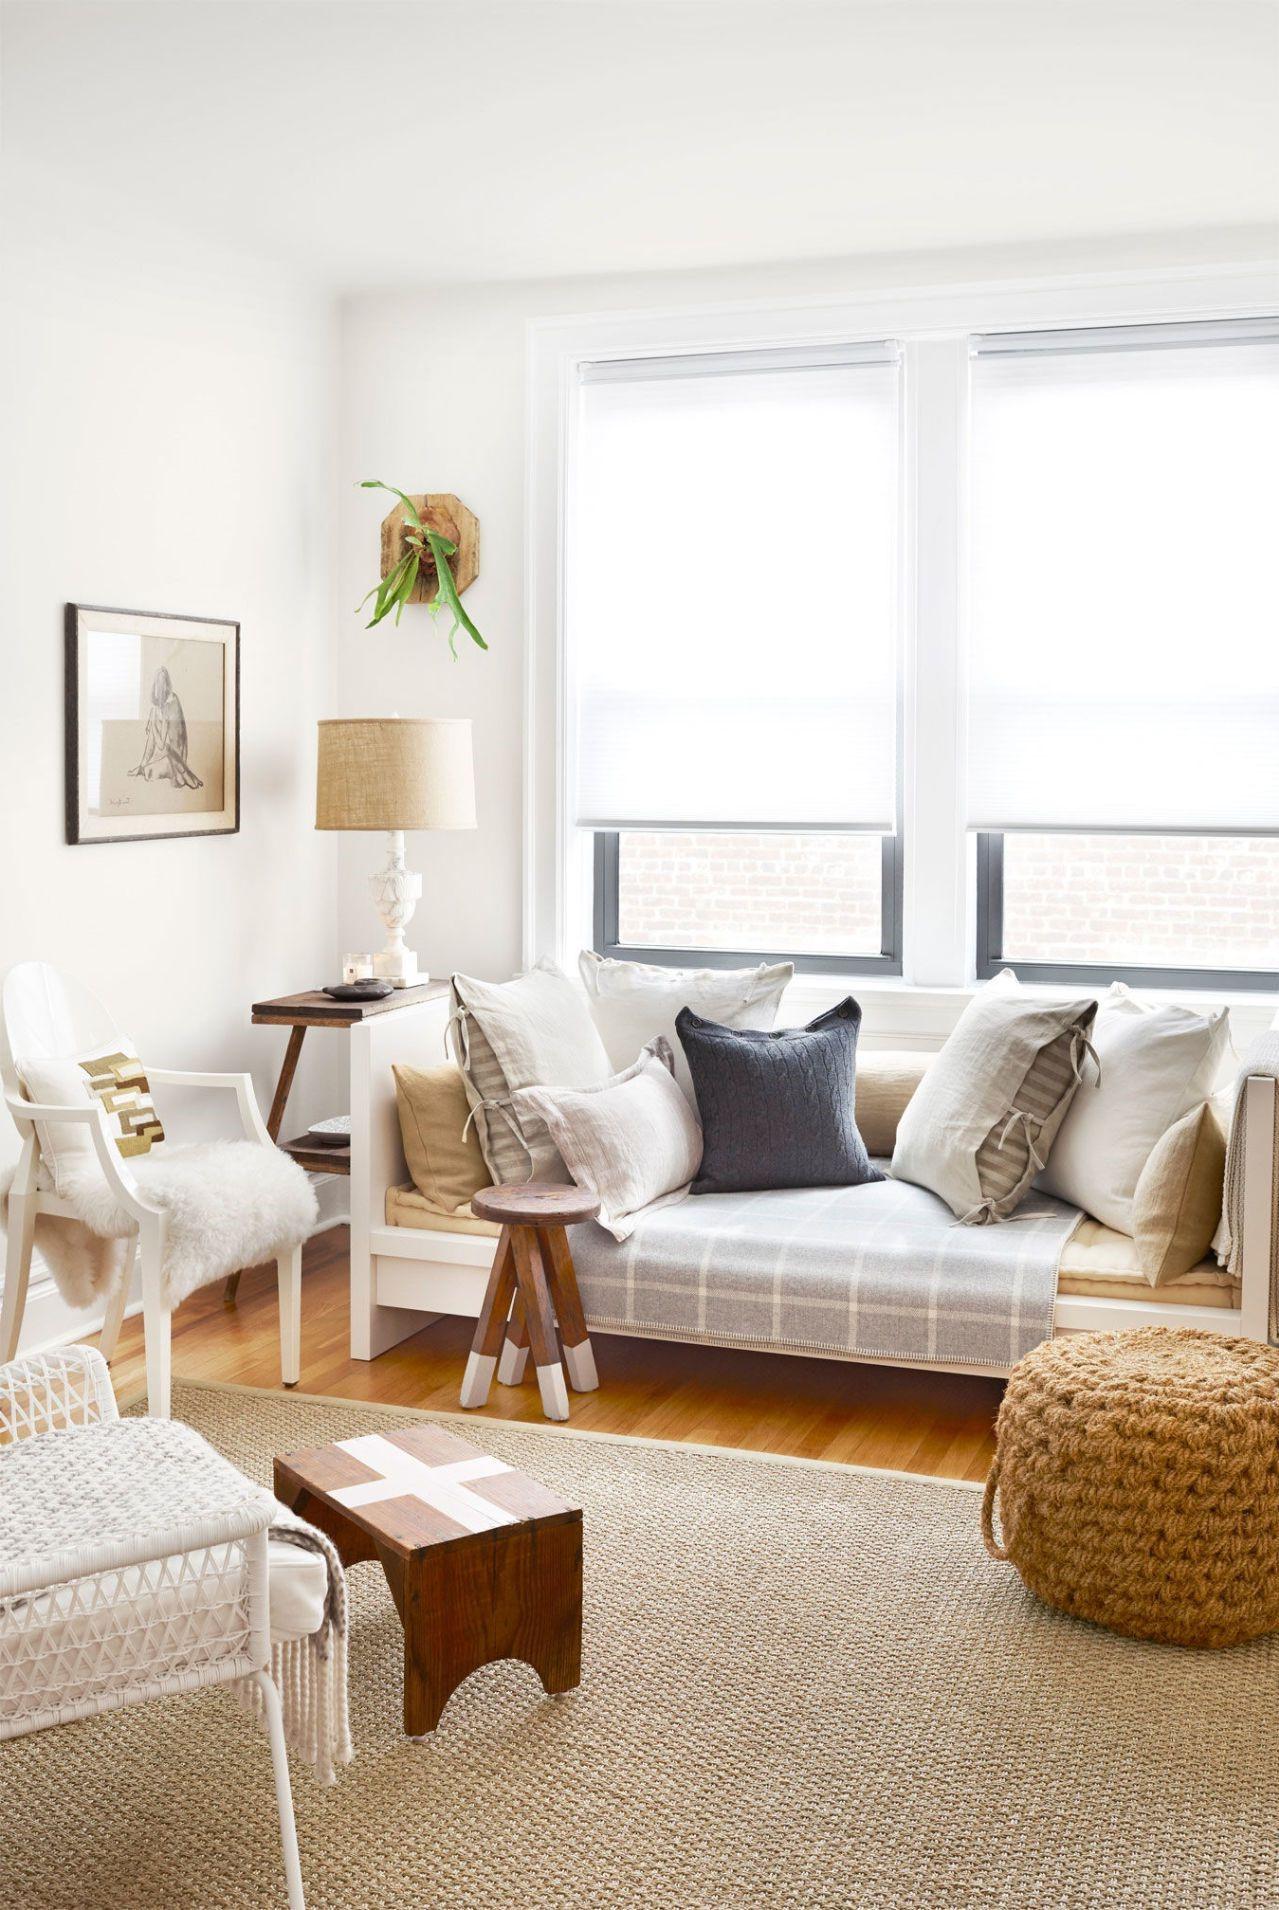 Pour les soirées, il n'y a rien de mieux qu'une lampe pour ajouter une lueur chaleureuse et invitante à l'espace de votre salon.